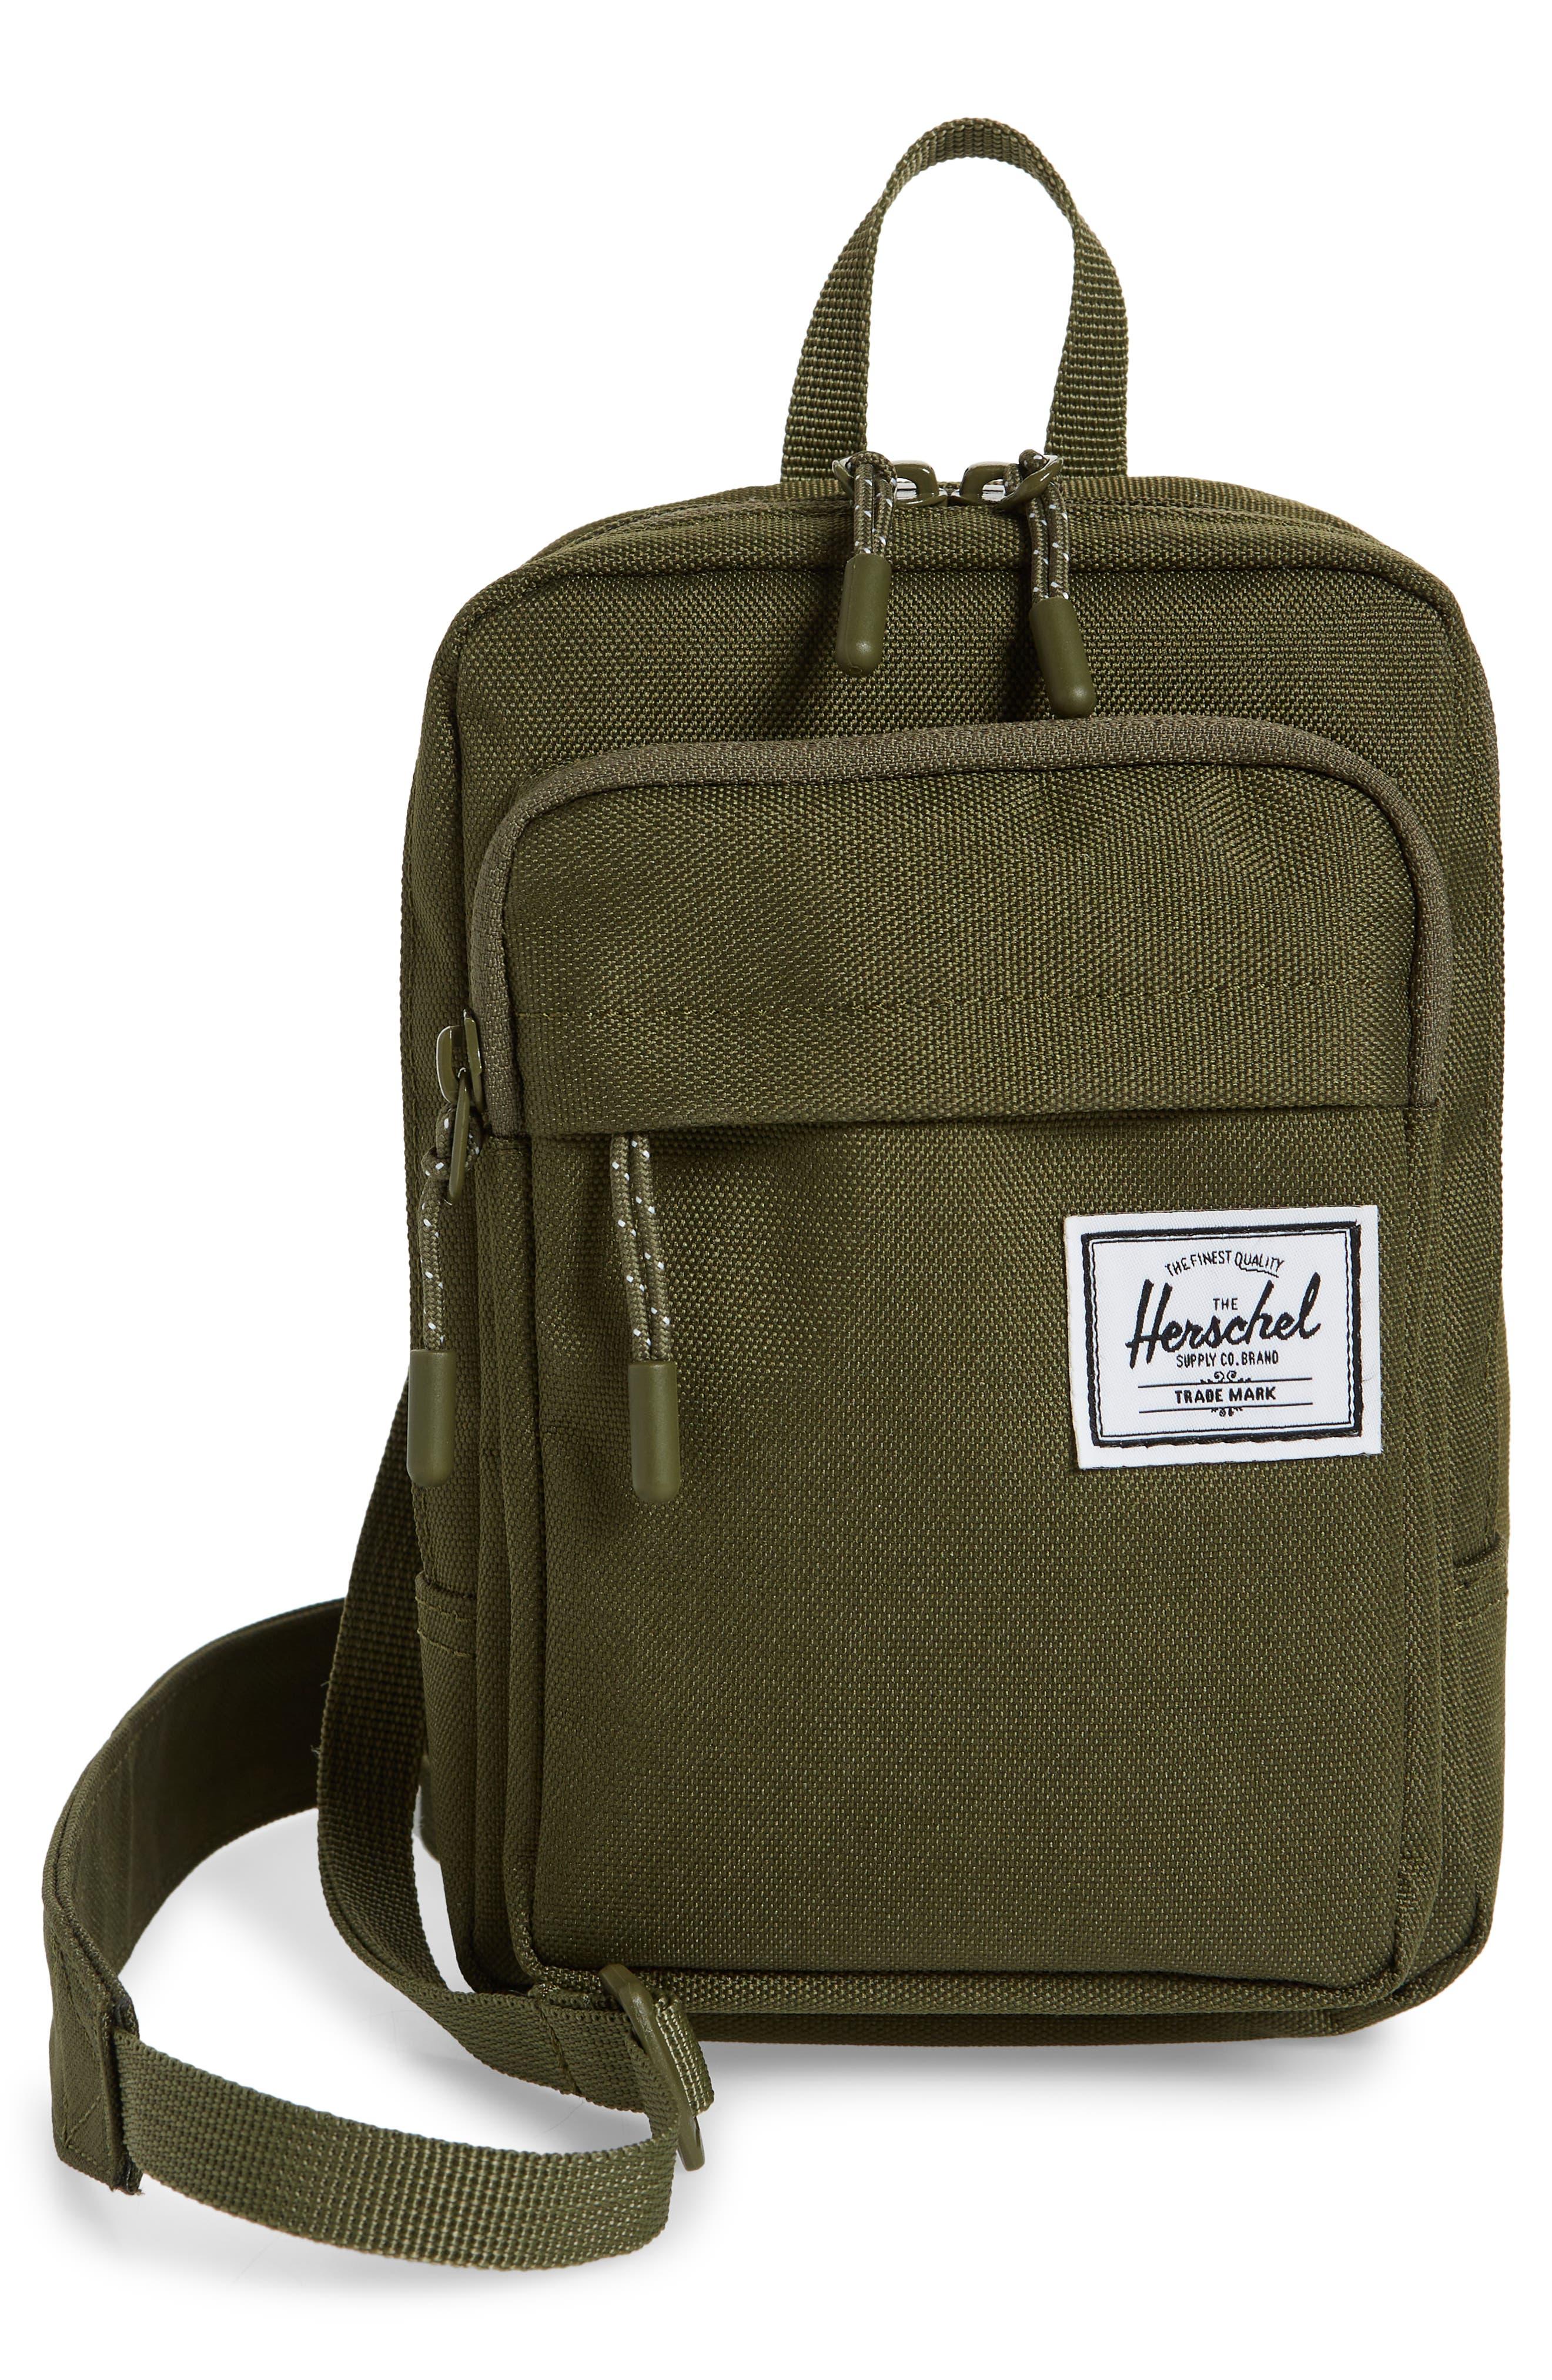 Large Form Shoulder Bag